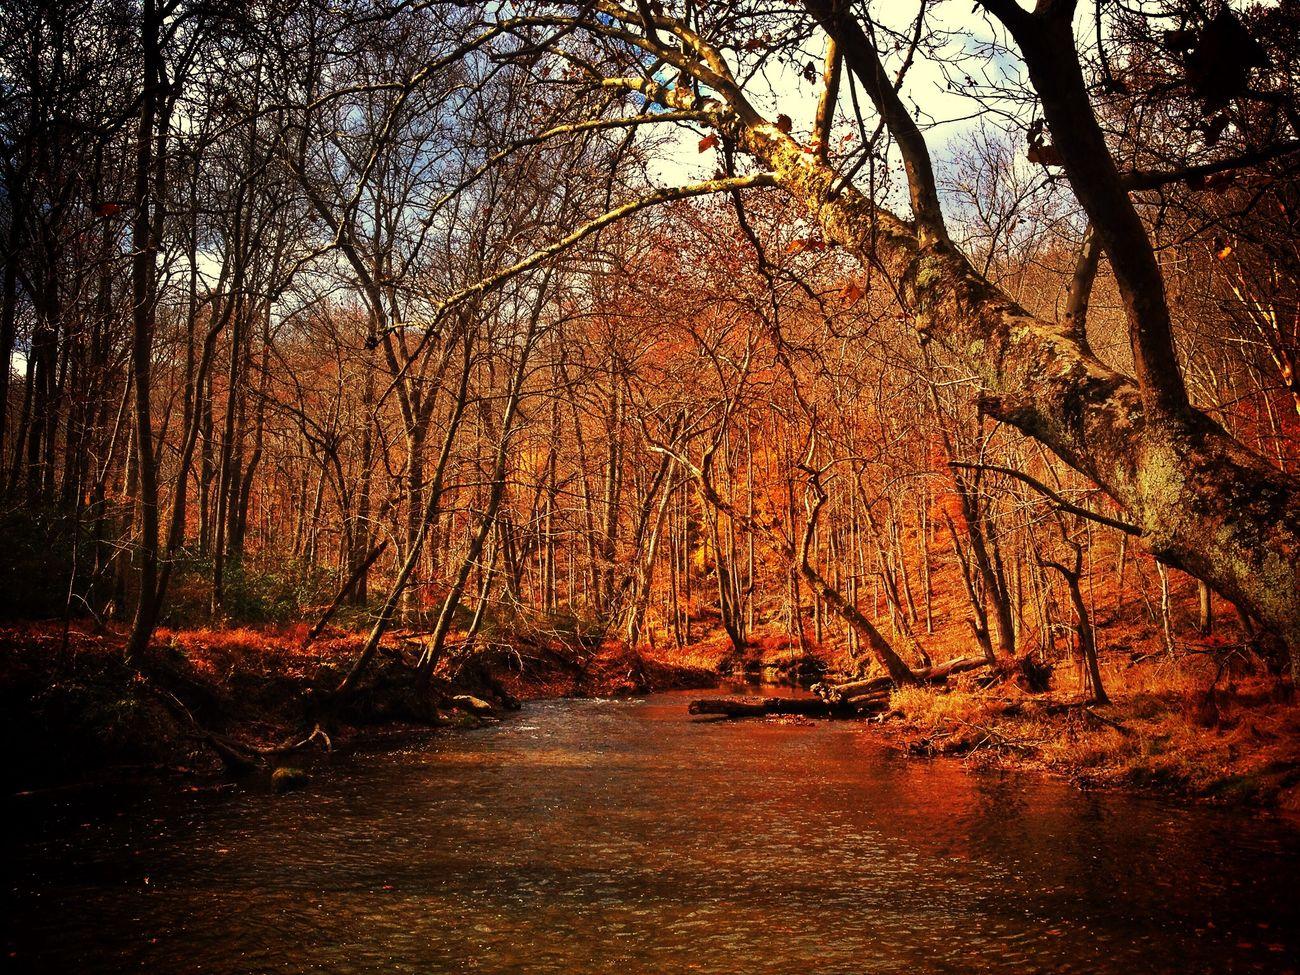 Last of fall...